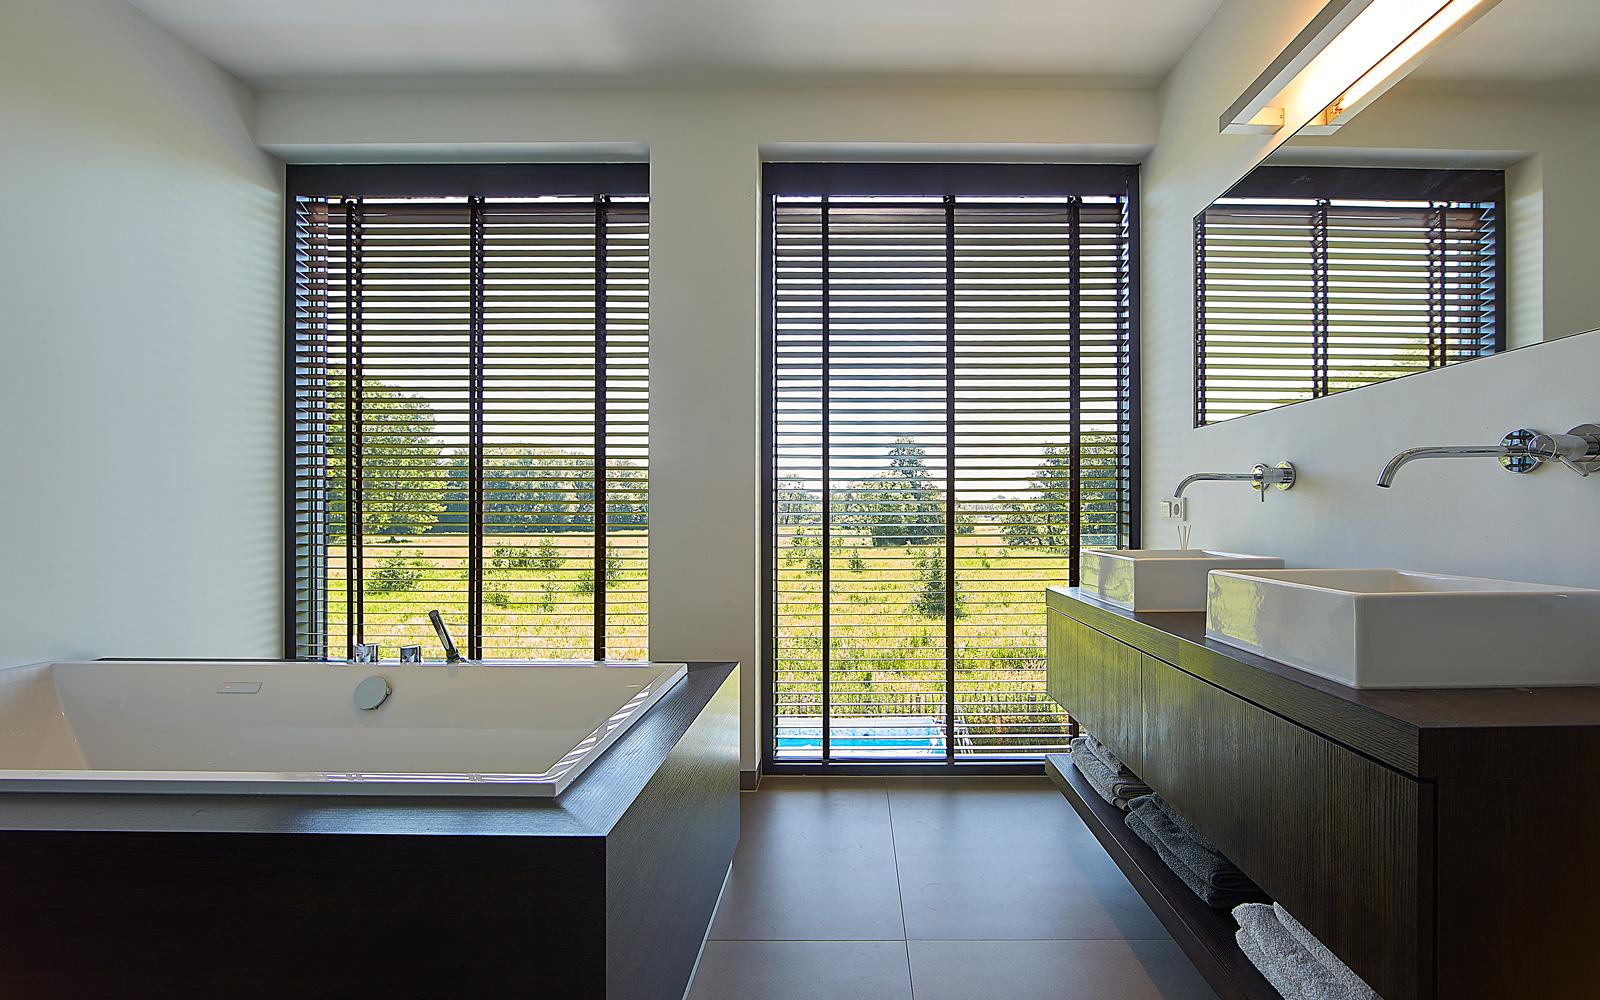 De badkamer is voorzien van luxe bad meubelen op een donkere tegelvloer.